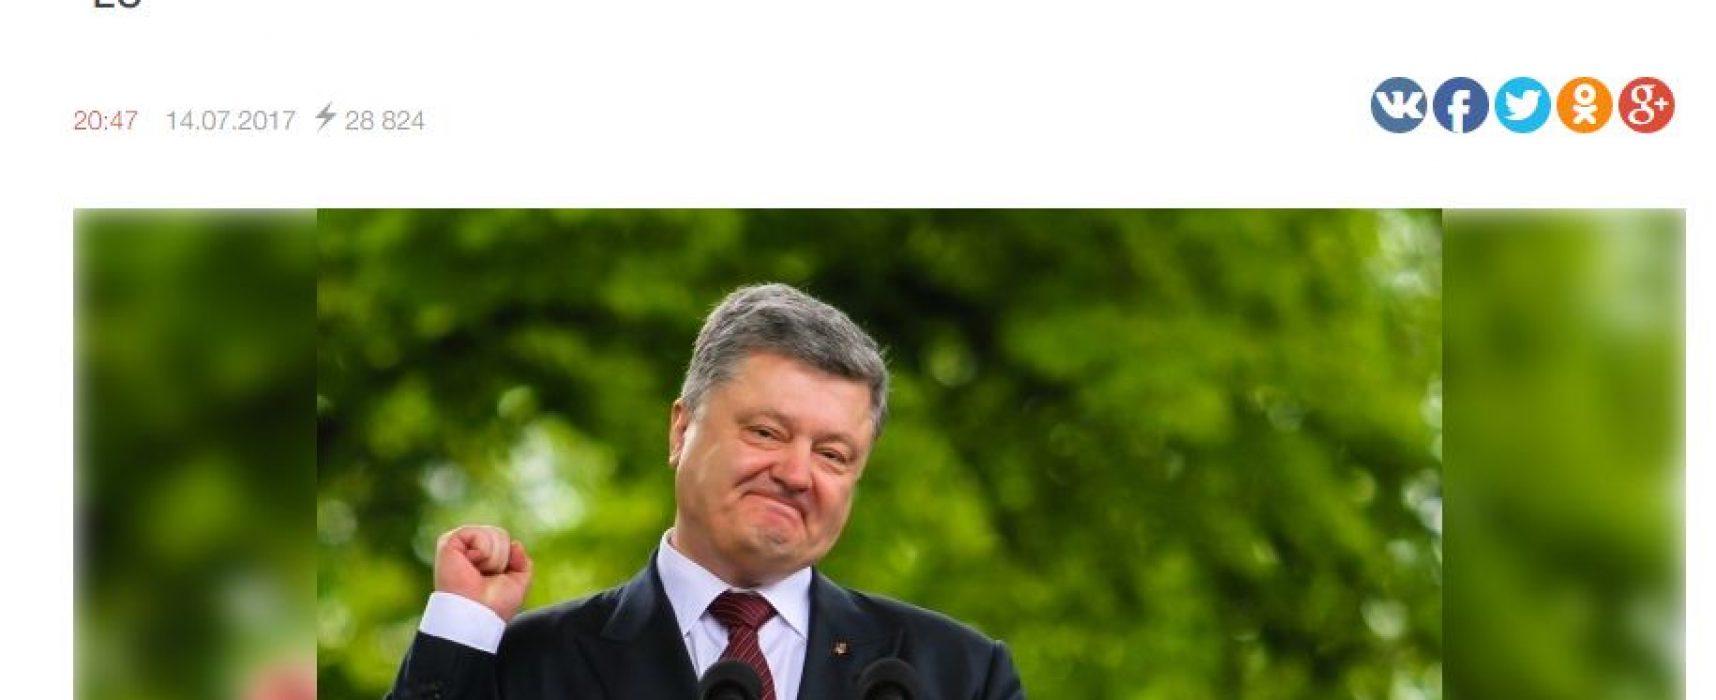 Фейк: Украйна шантажира Запада с членството си в ЕС